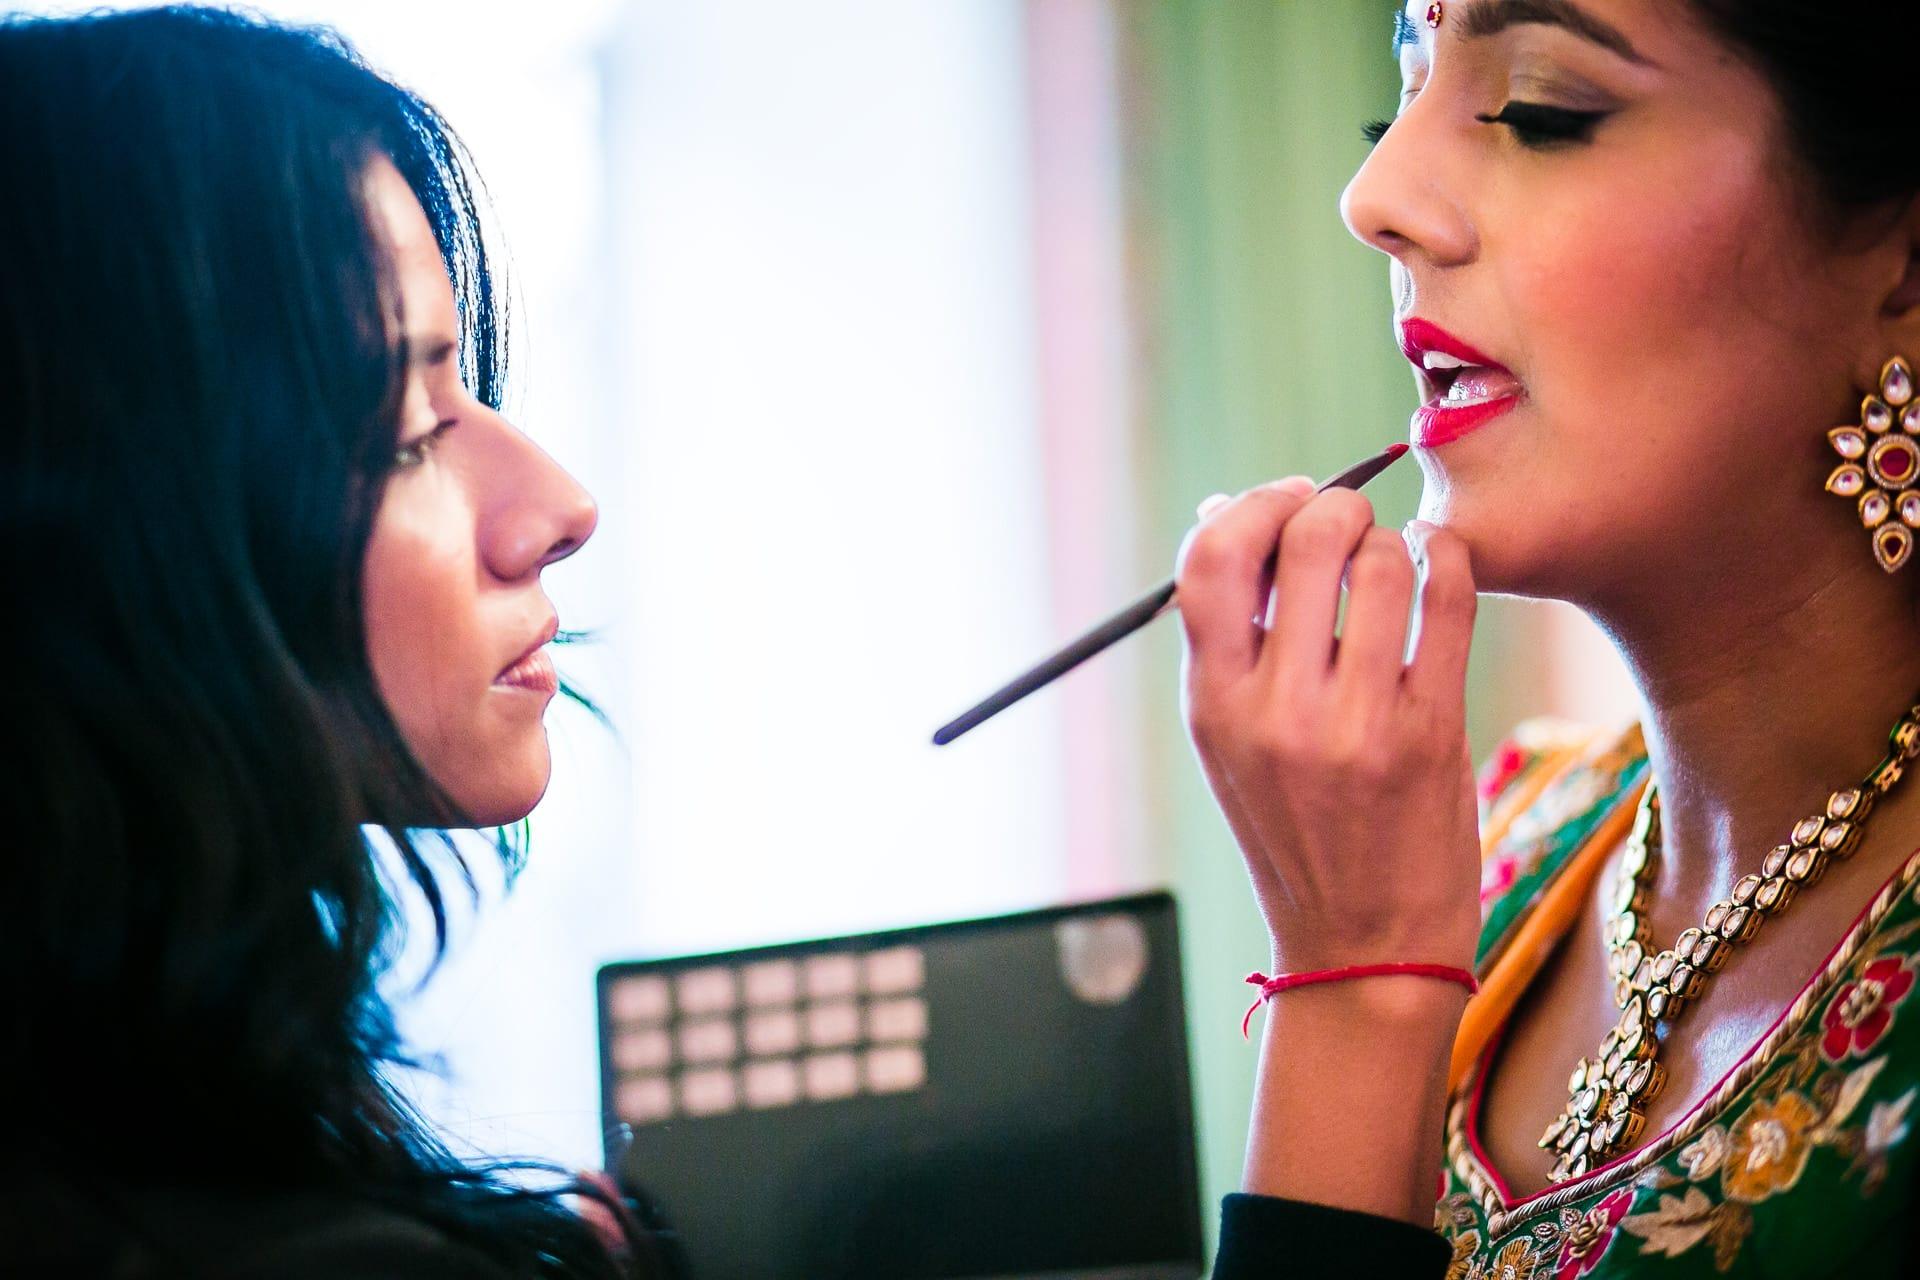 Hindu Bride getting ready